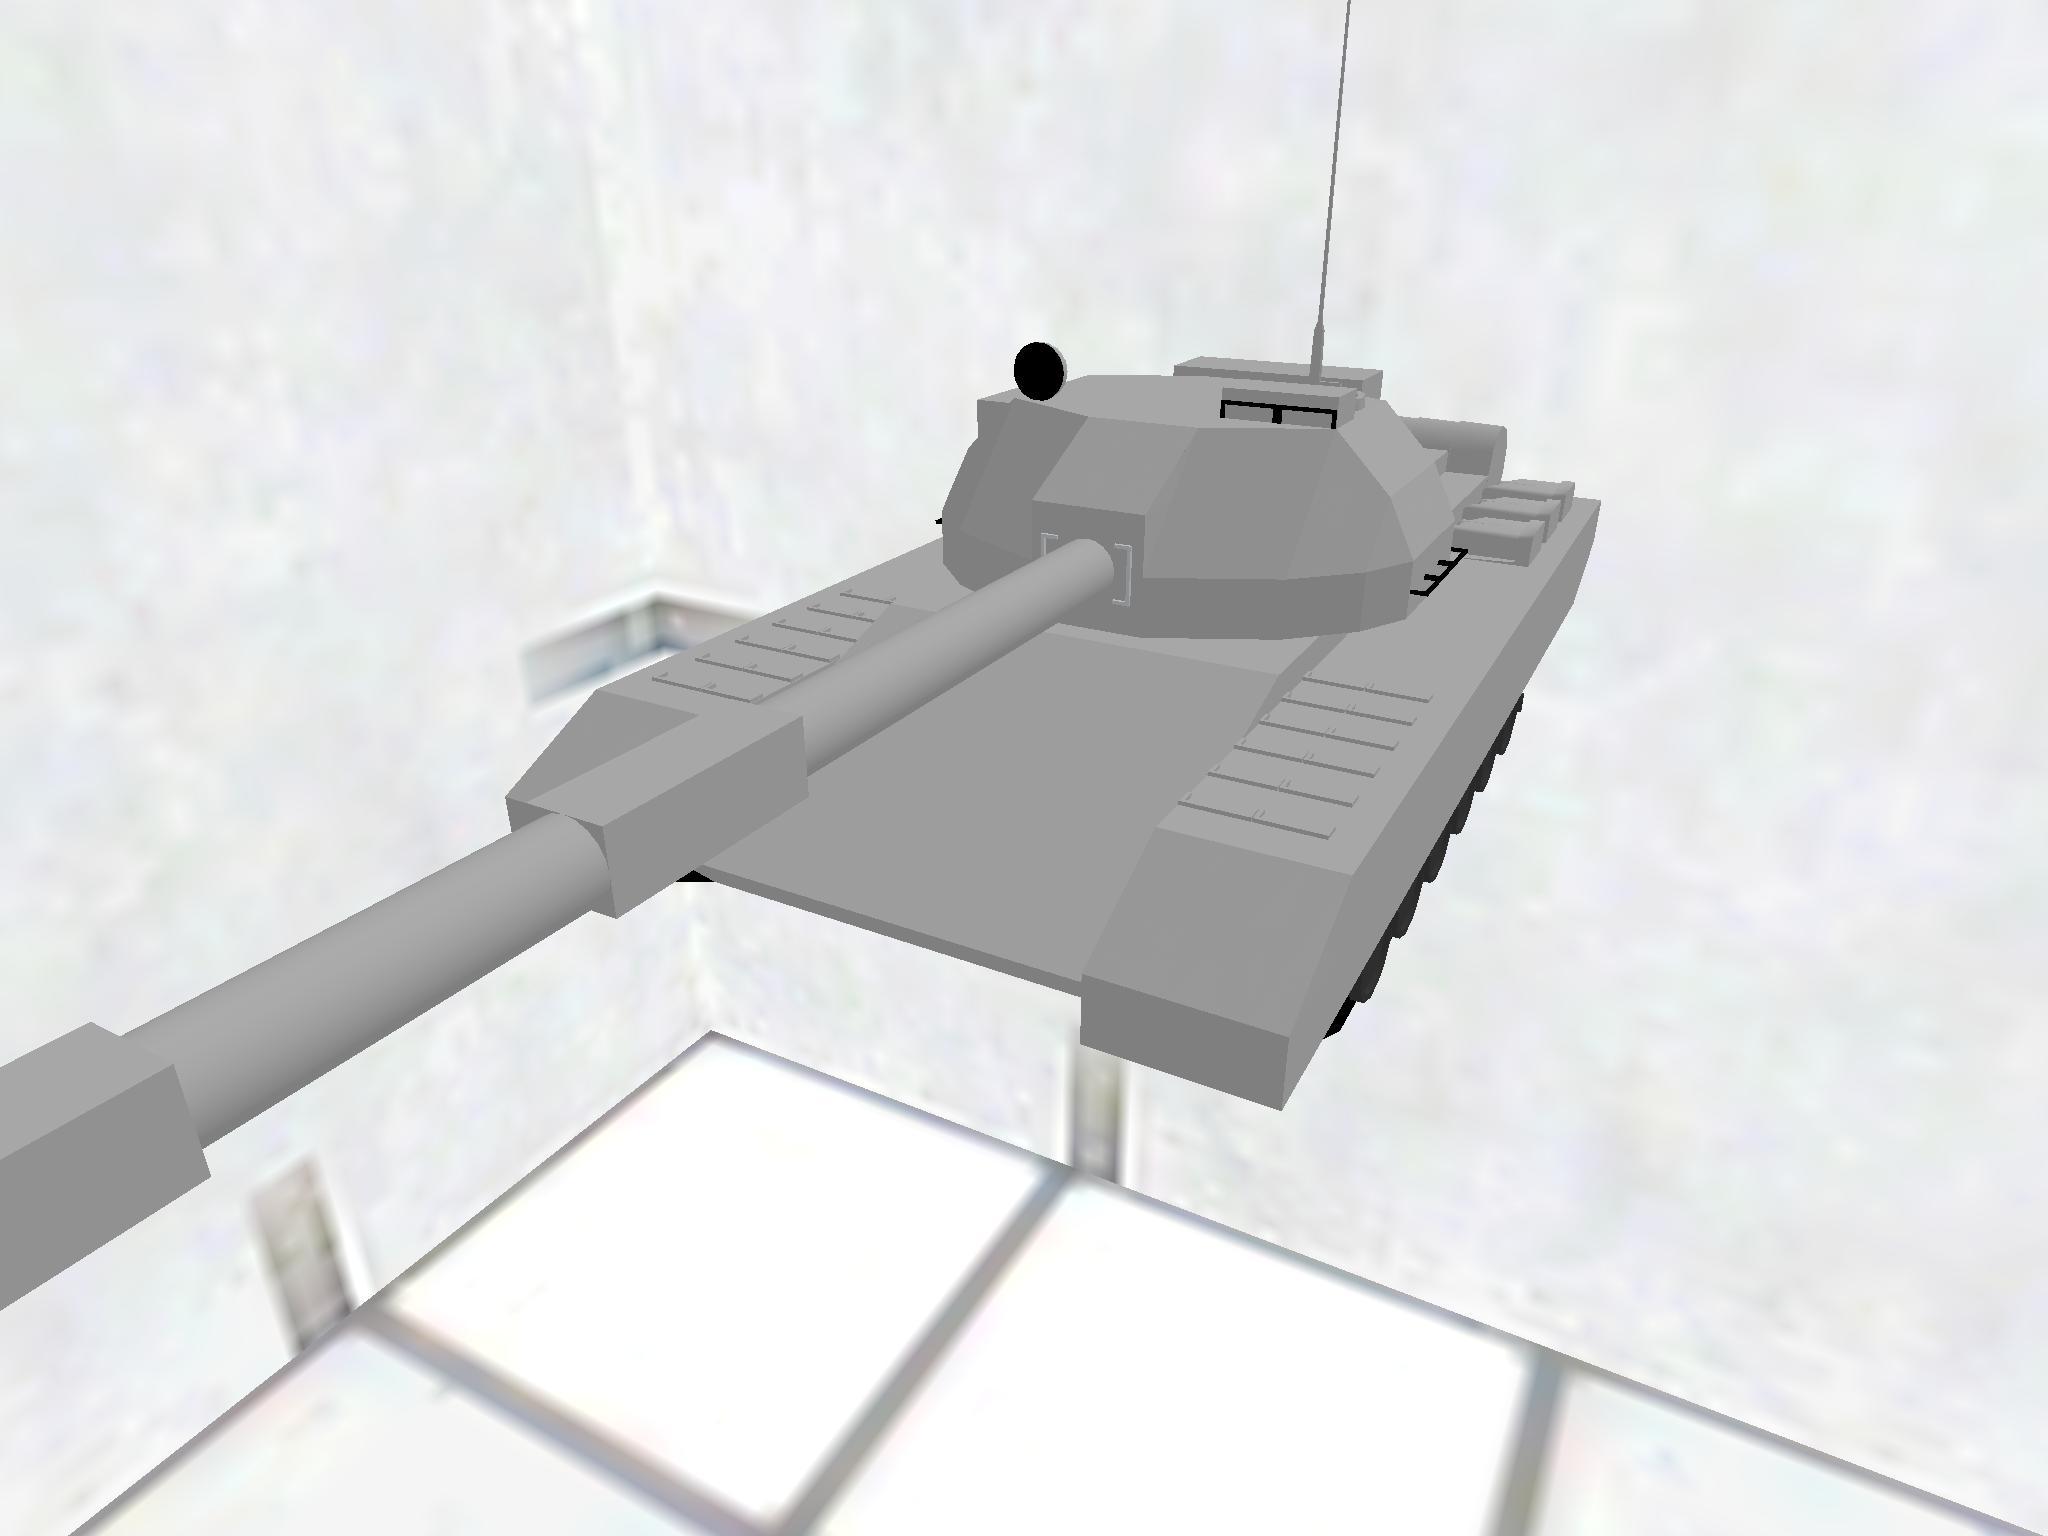 T-72 タイヤ,武装,装甲なし